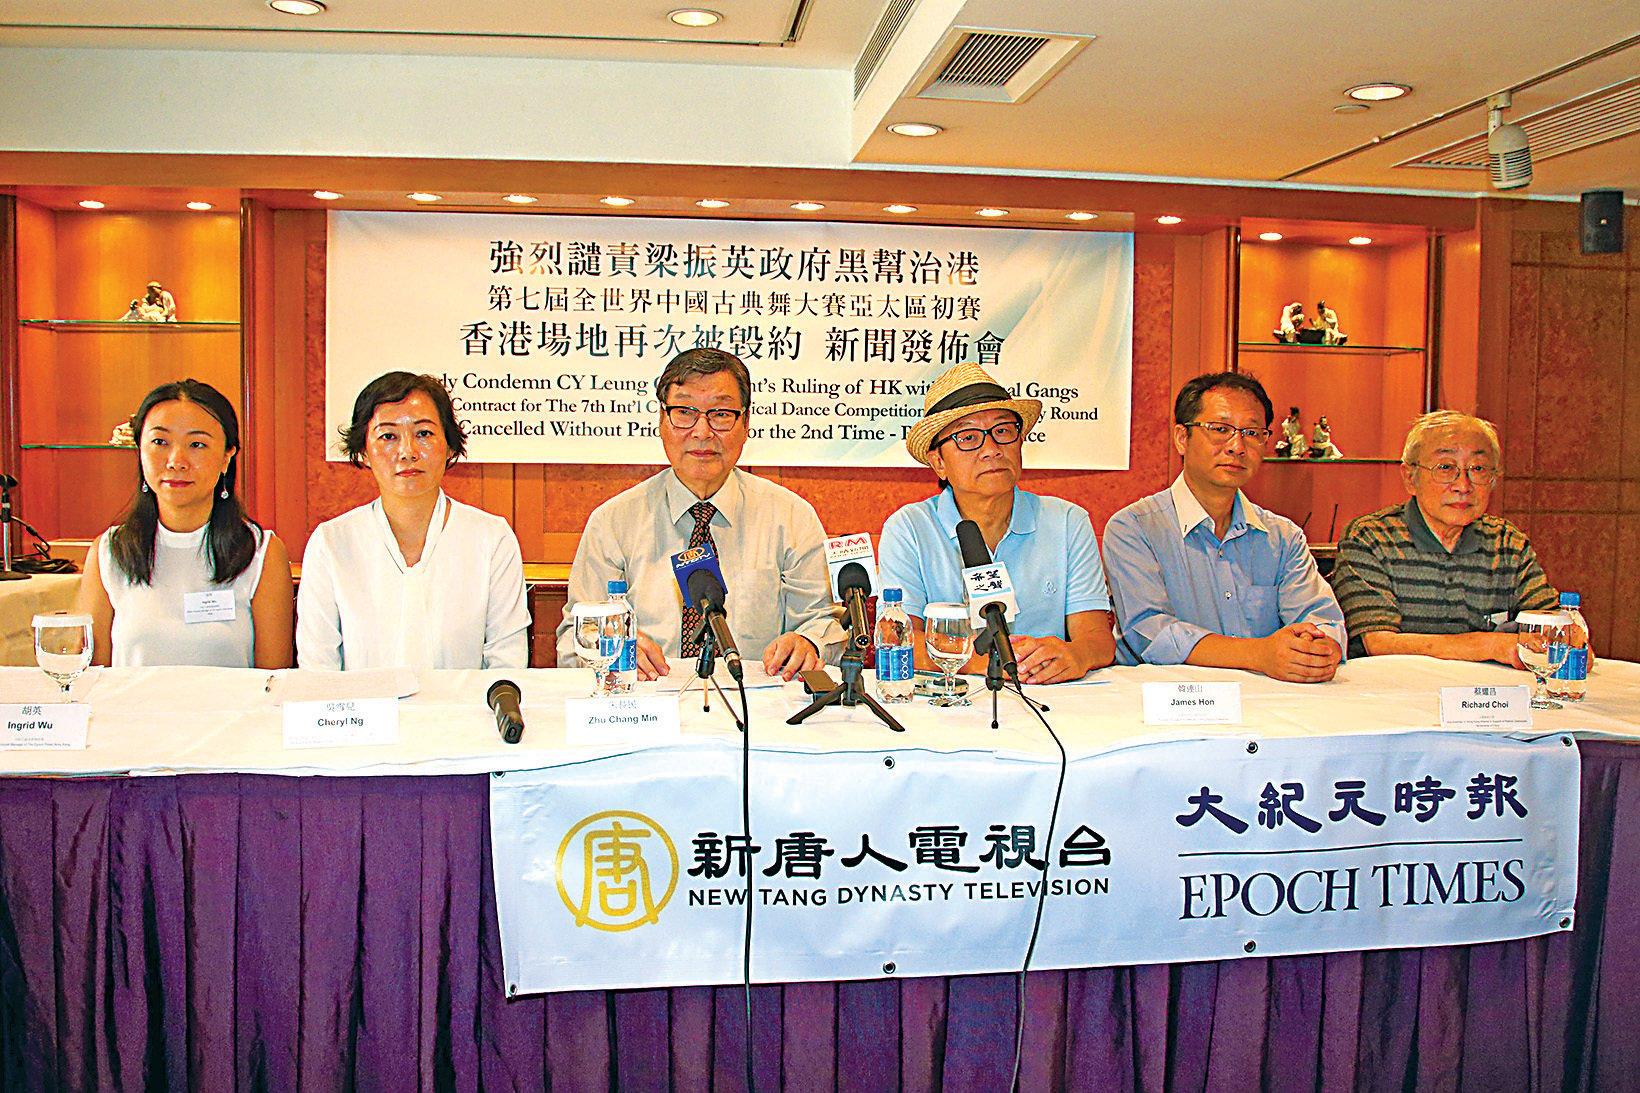 新唐人舉行記者會,公佈舞蹈大賽場地遭毀約詳情。(李逸/大紀元)